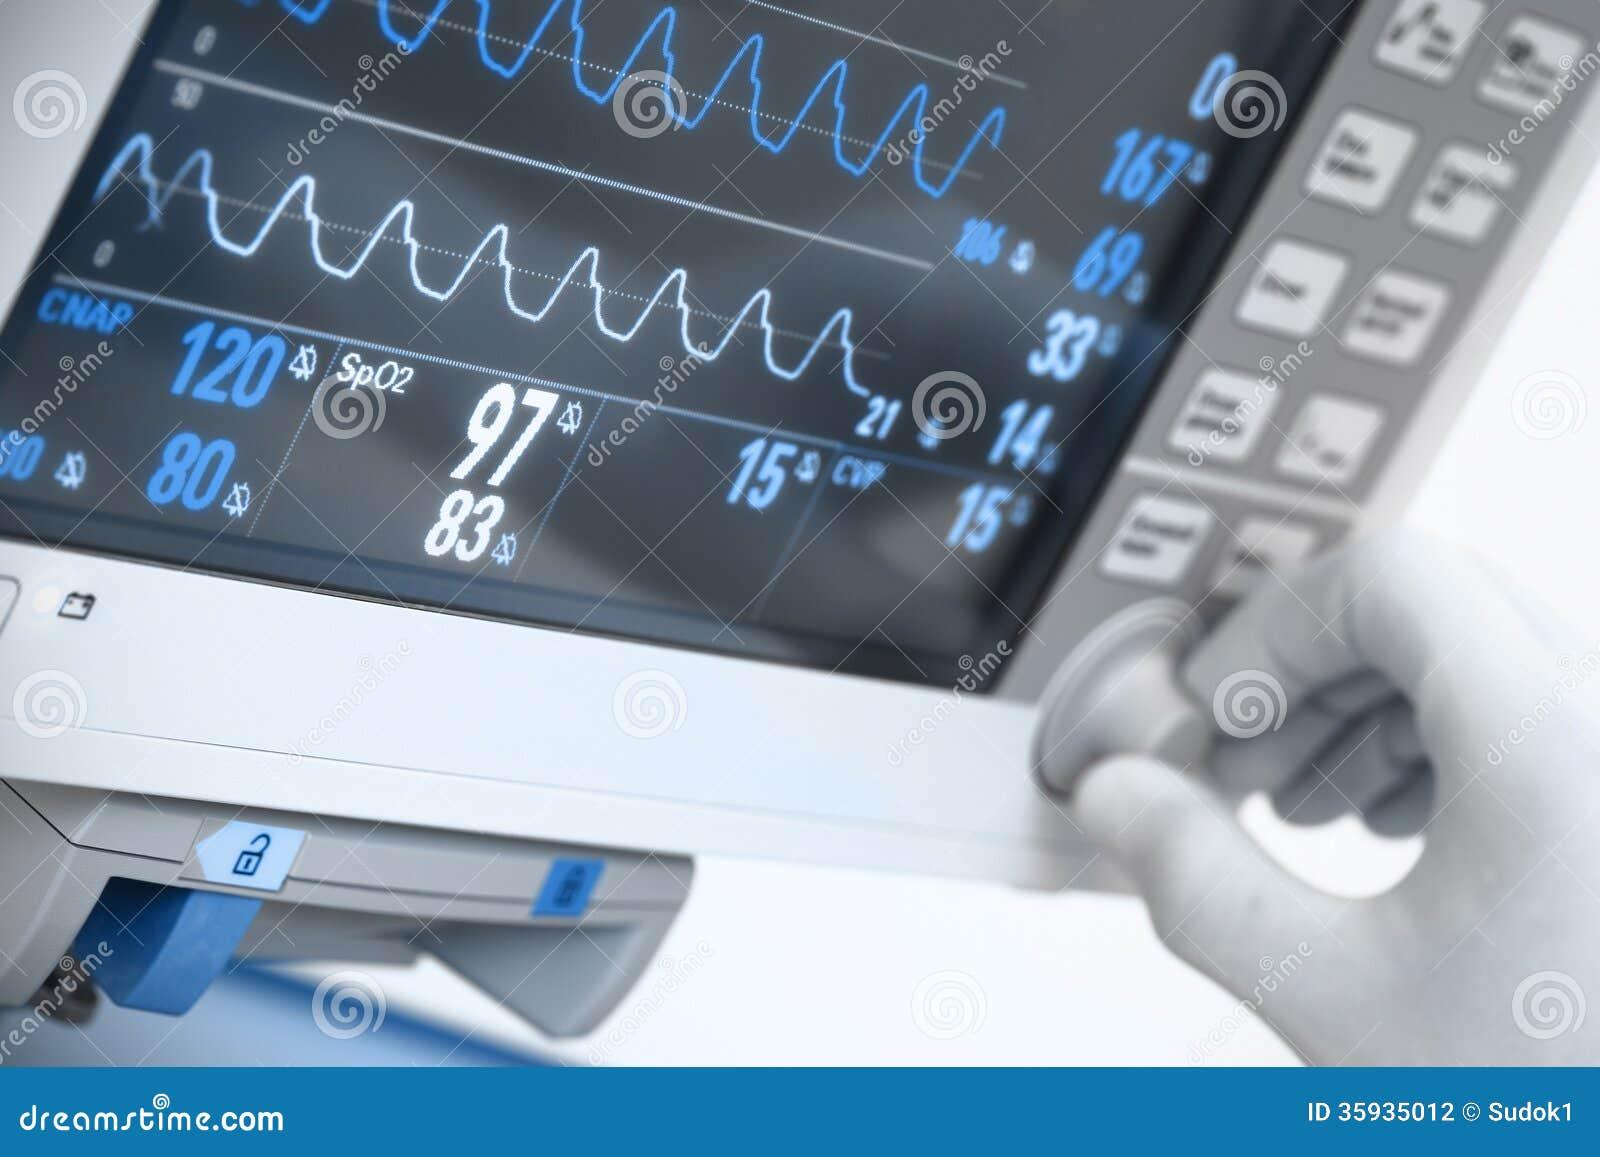 Medicinsk elektronik.